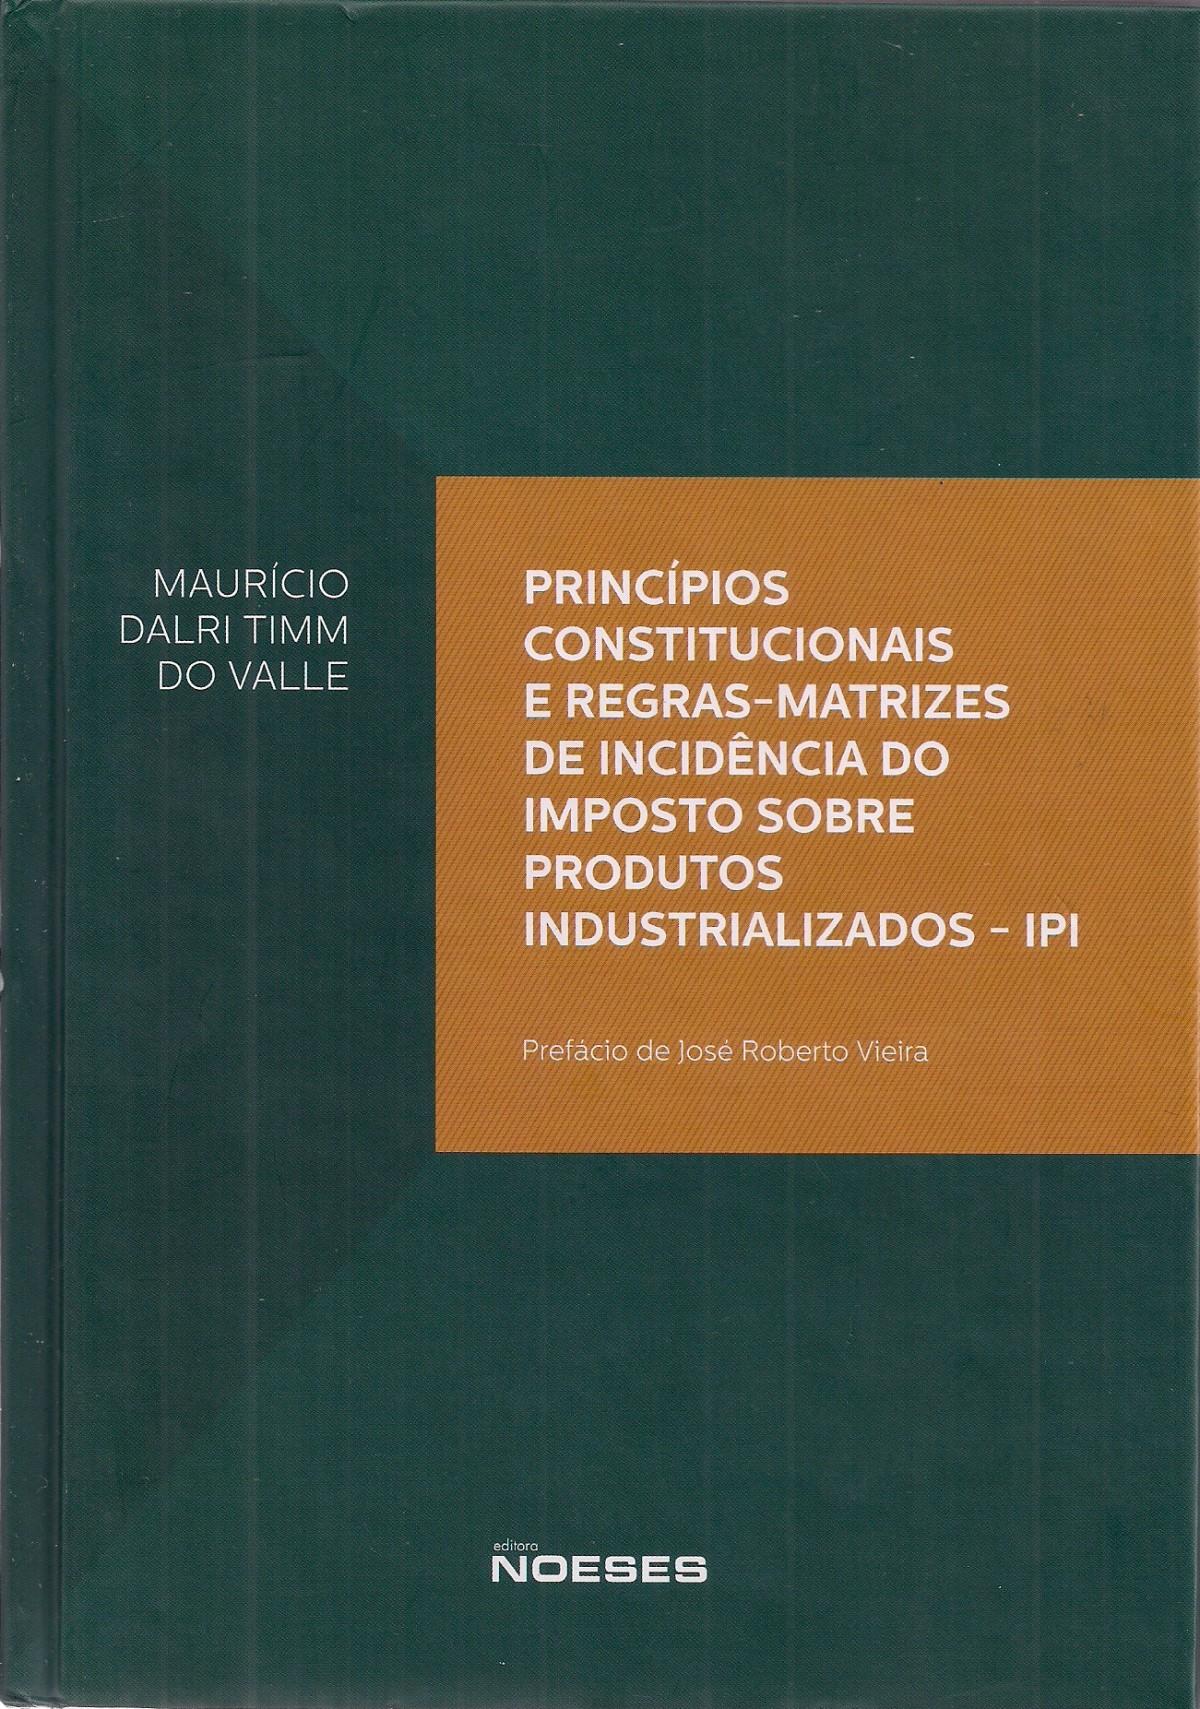 Foto 1 - Princípios Constitucionais e Regras-Matrizes de Incidência do Imposto sobre Produtos Industrializado